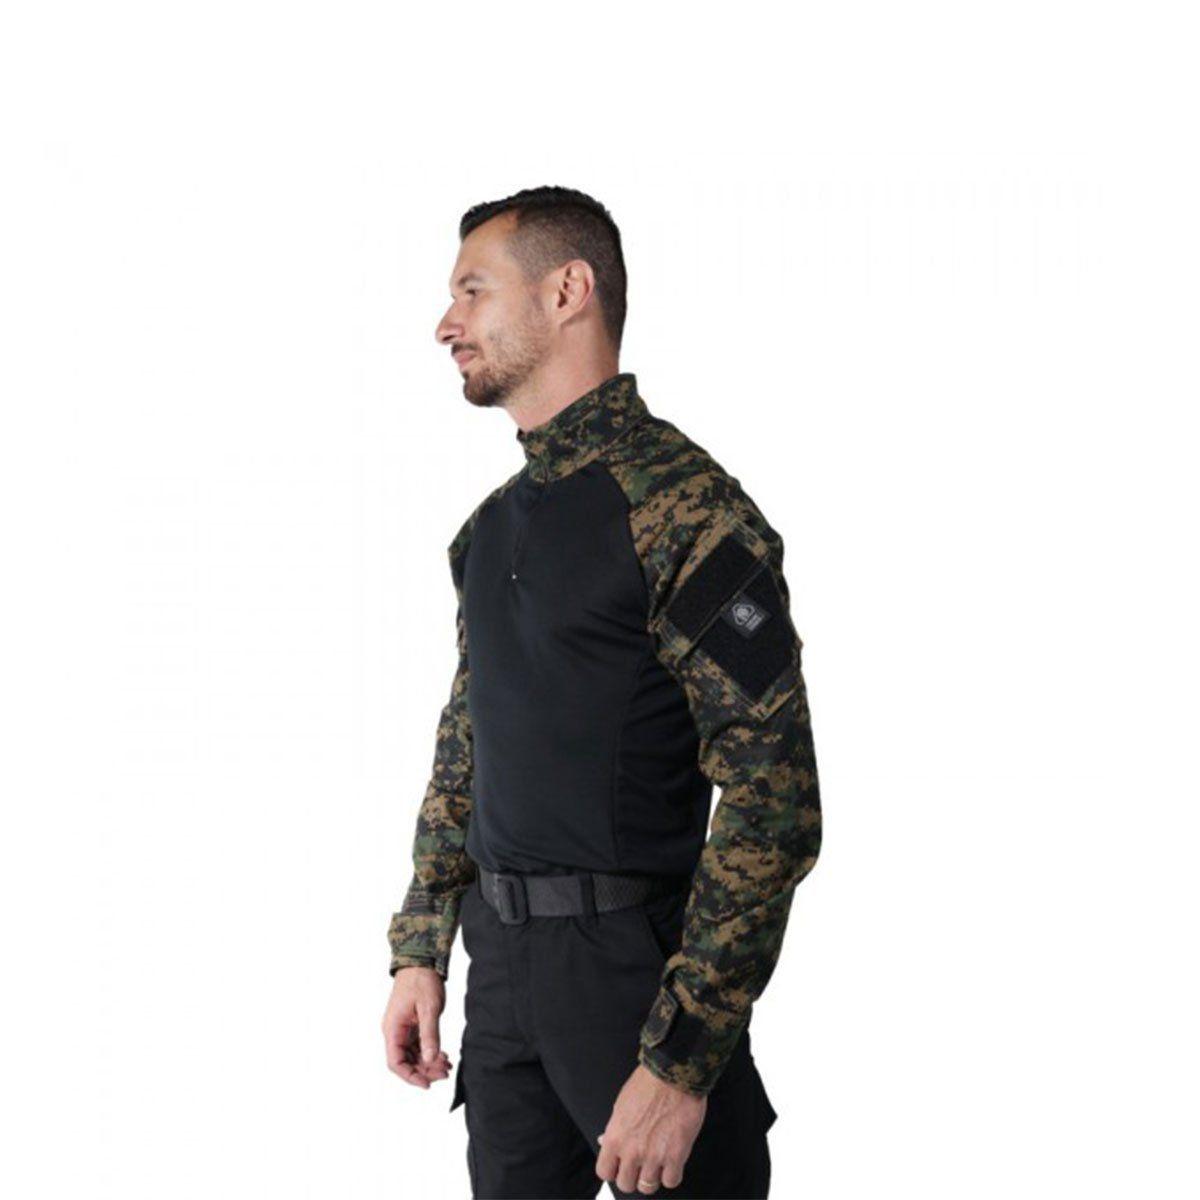 Combat Shirt Belica 54 Digital Marpat